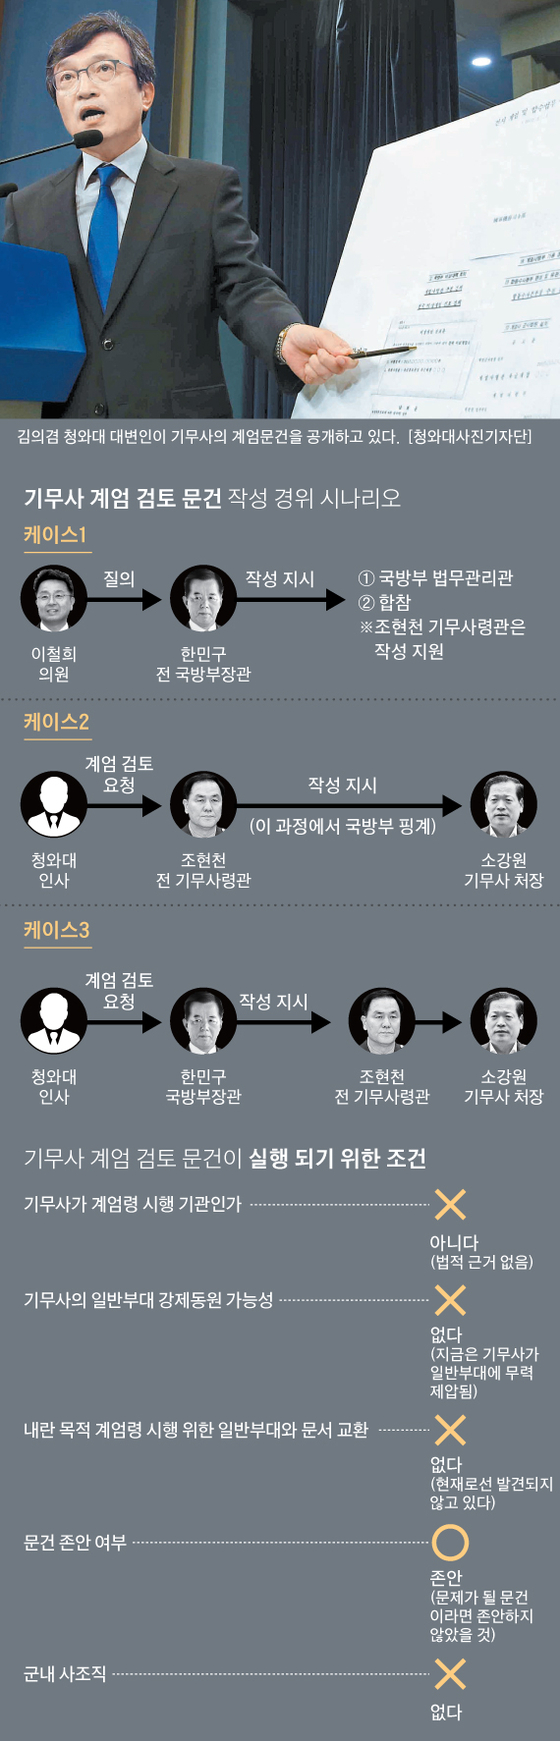 폭로→하극상→데스매치…계엄문건 3가지 시나리오